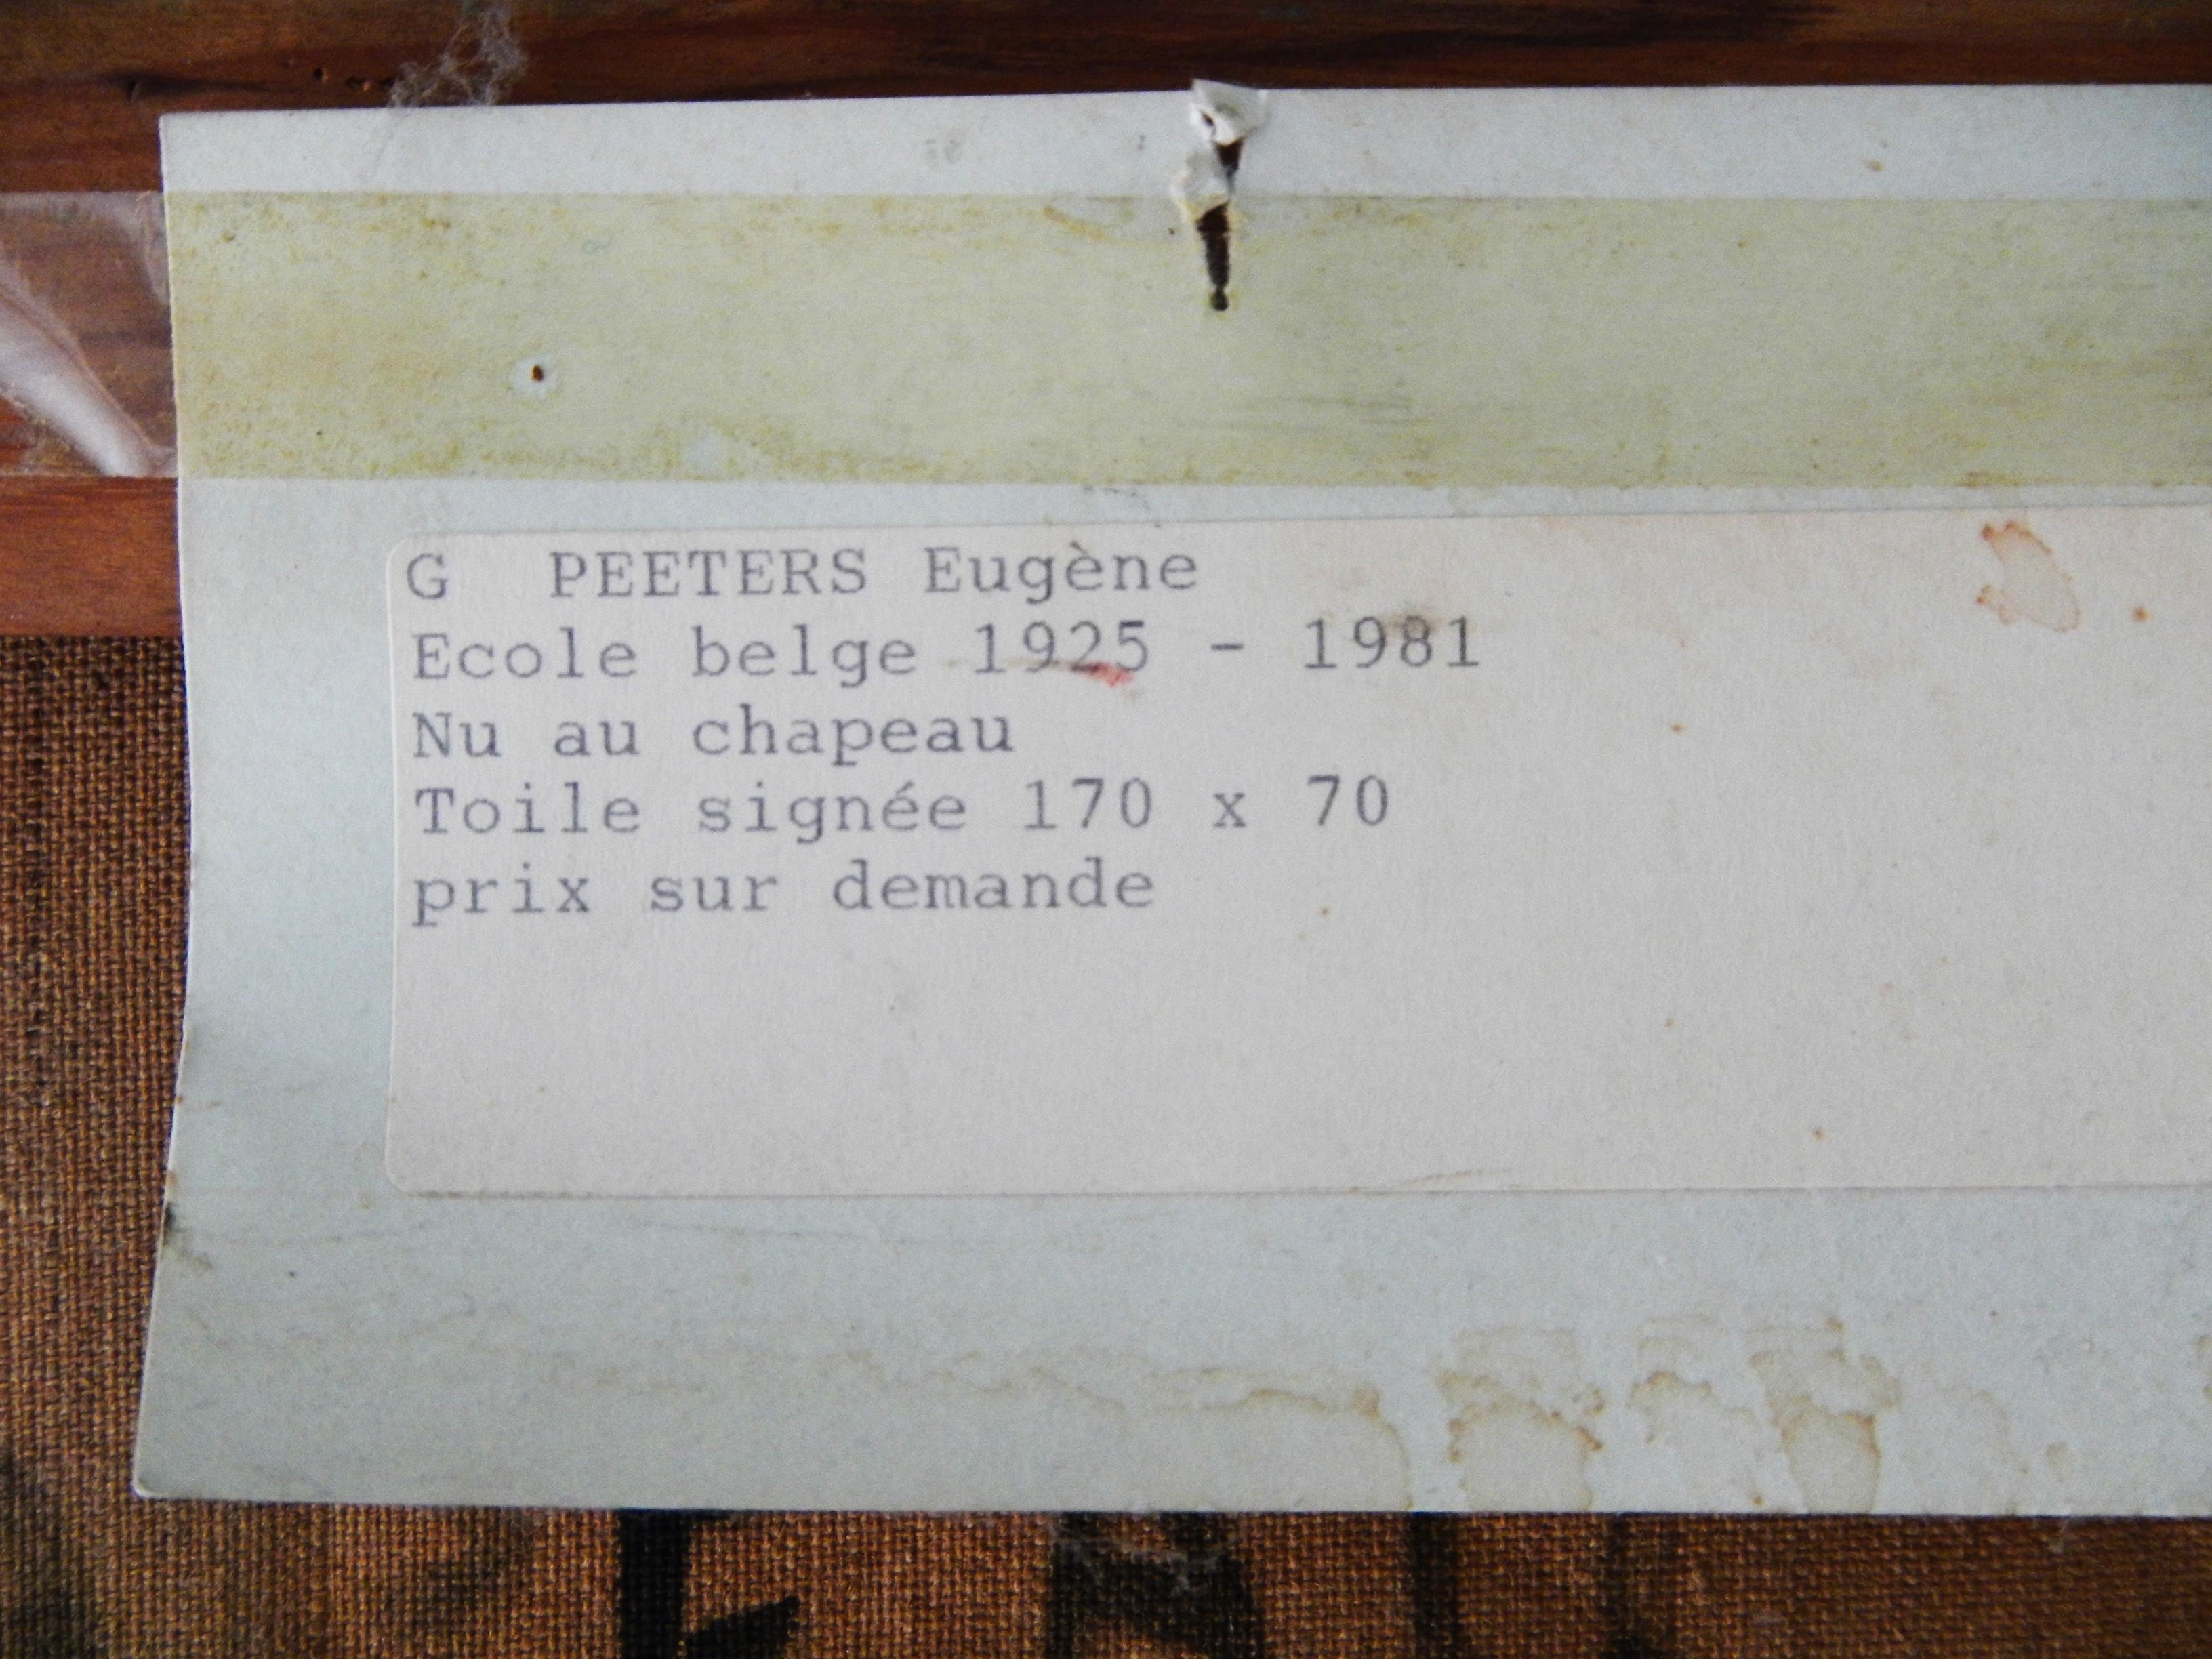 Peeters Eugène - Nu au chapeau